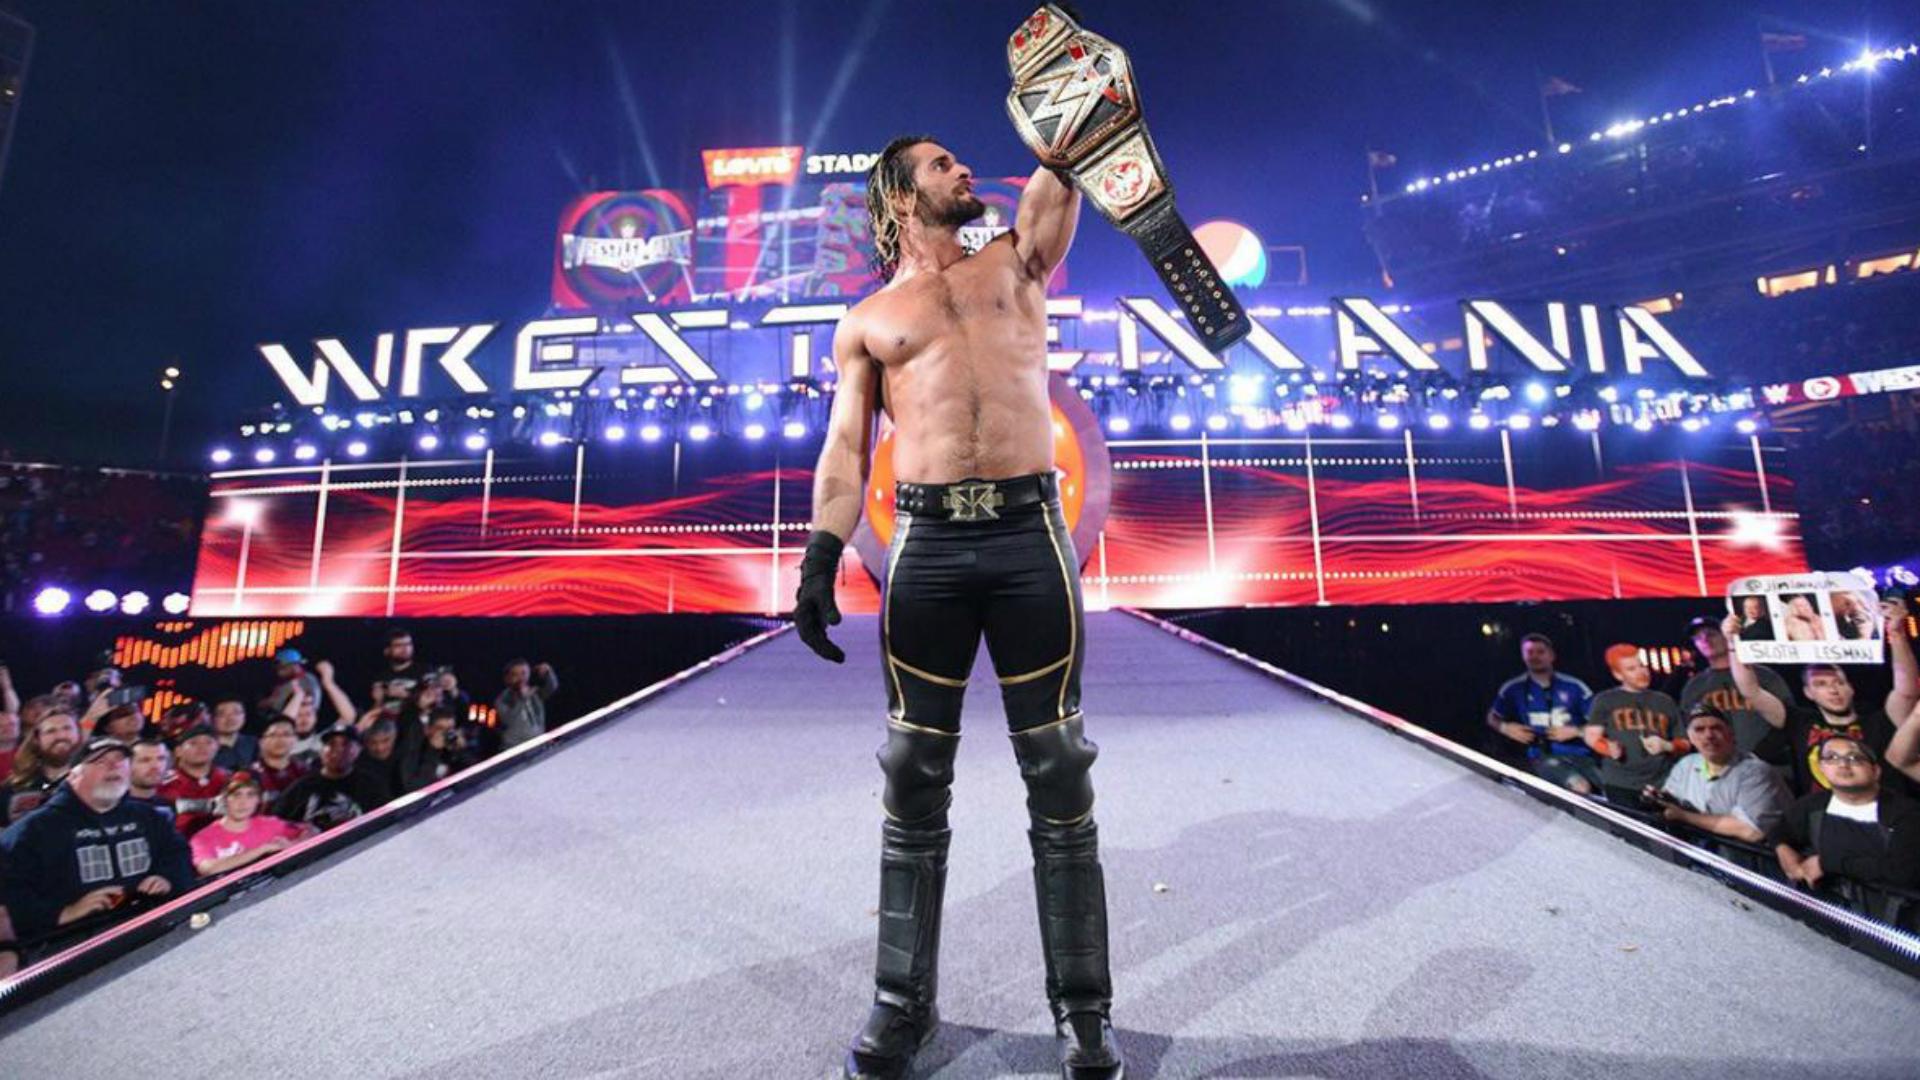 Wrestlemania 31 calificaciones: Seth Rollins realiza el 'Golpe del siglo' 37